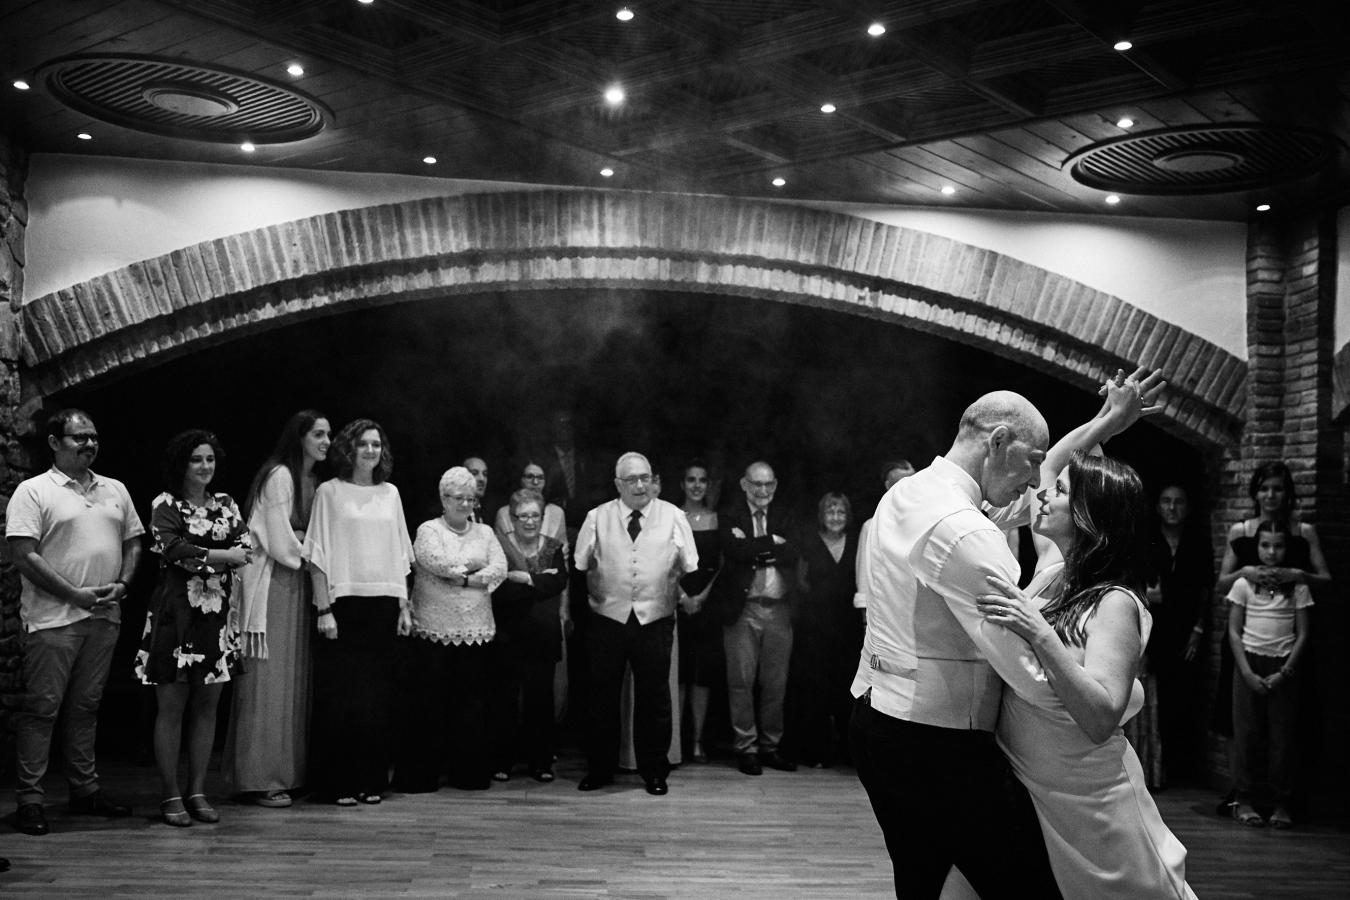 Ruth&Miquel - Andreu Fotògraf, Estudi fotogràfic a La Garriga